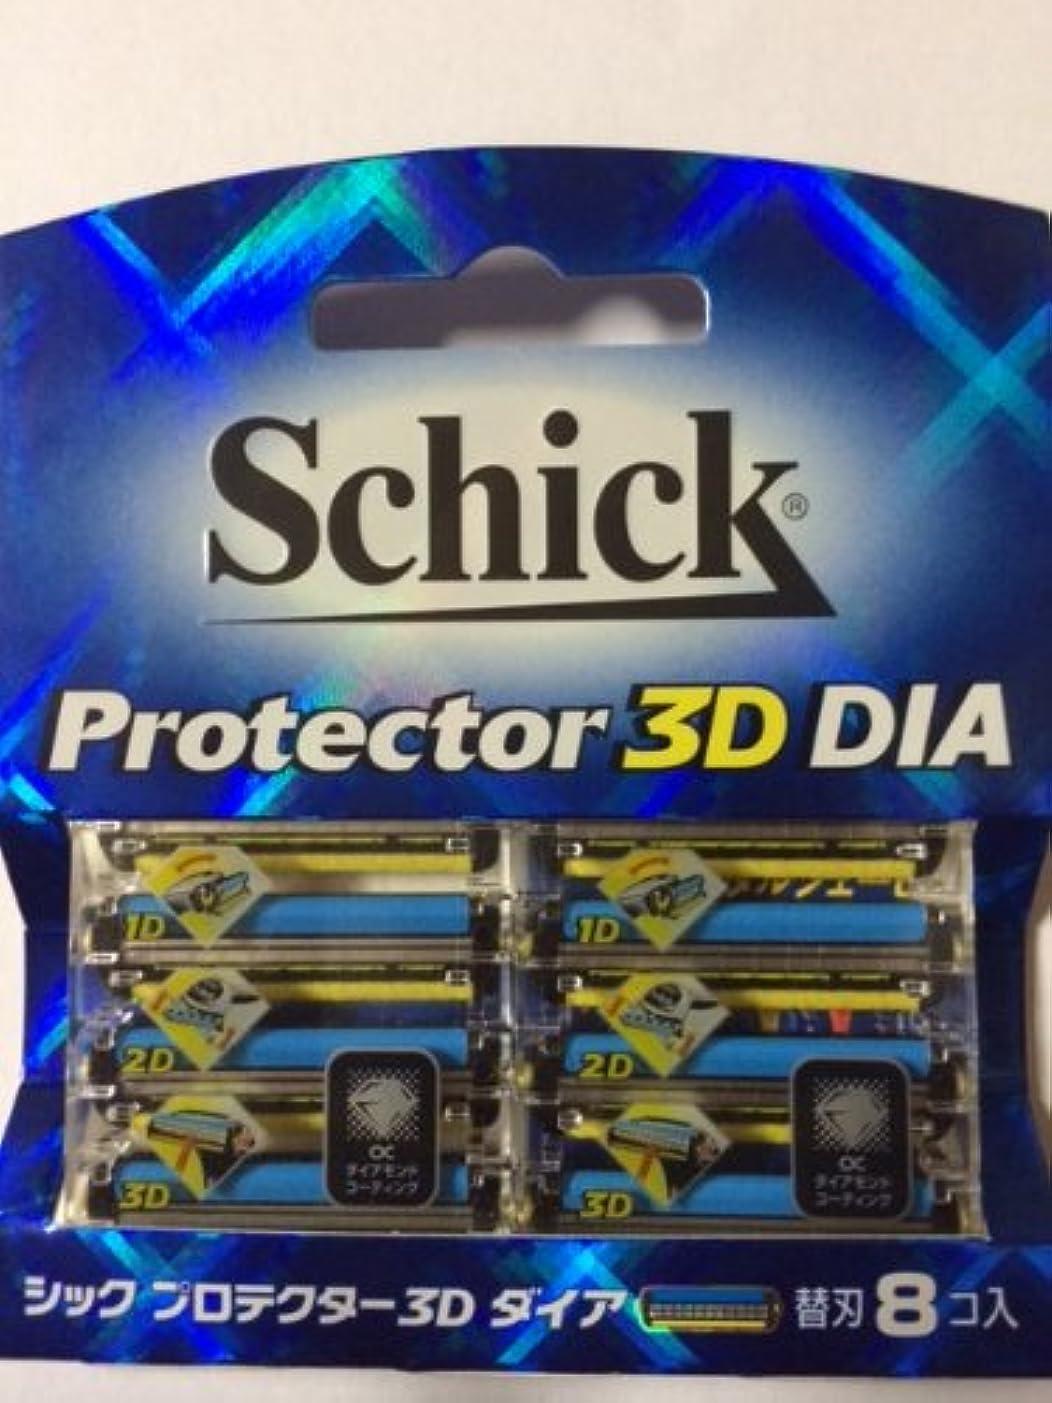 可決しなやか取り扱いシック プロテクター3D ダイア(8コ入)